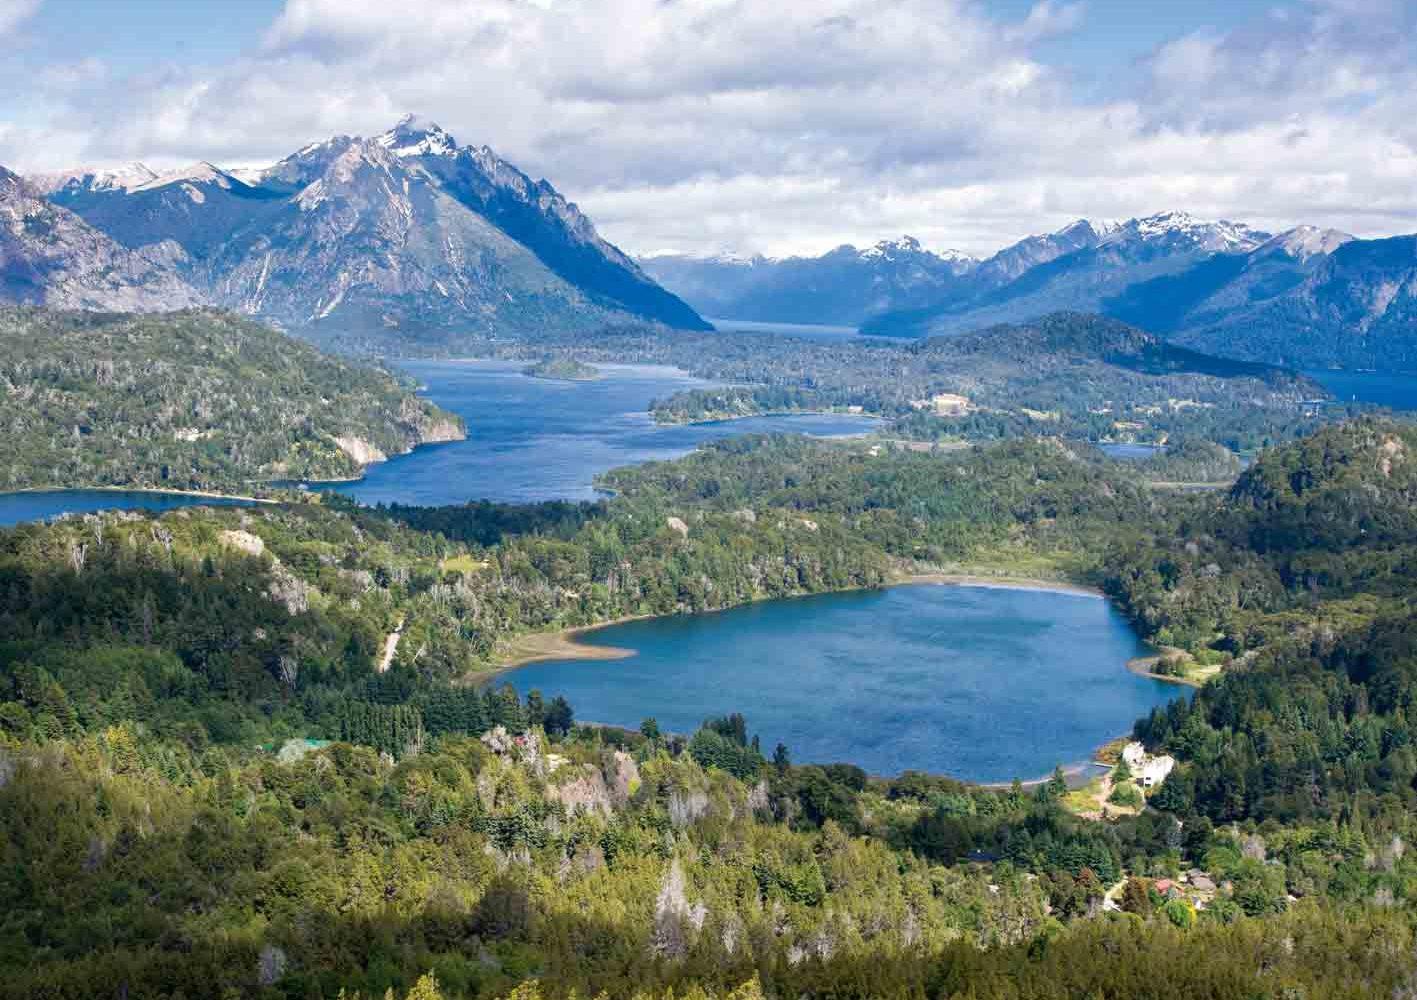 Anden- und Seenlandschaft in Bariloche